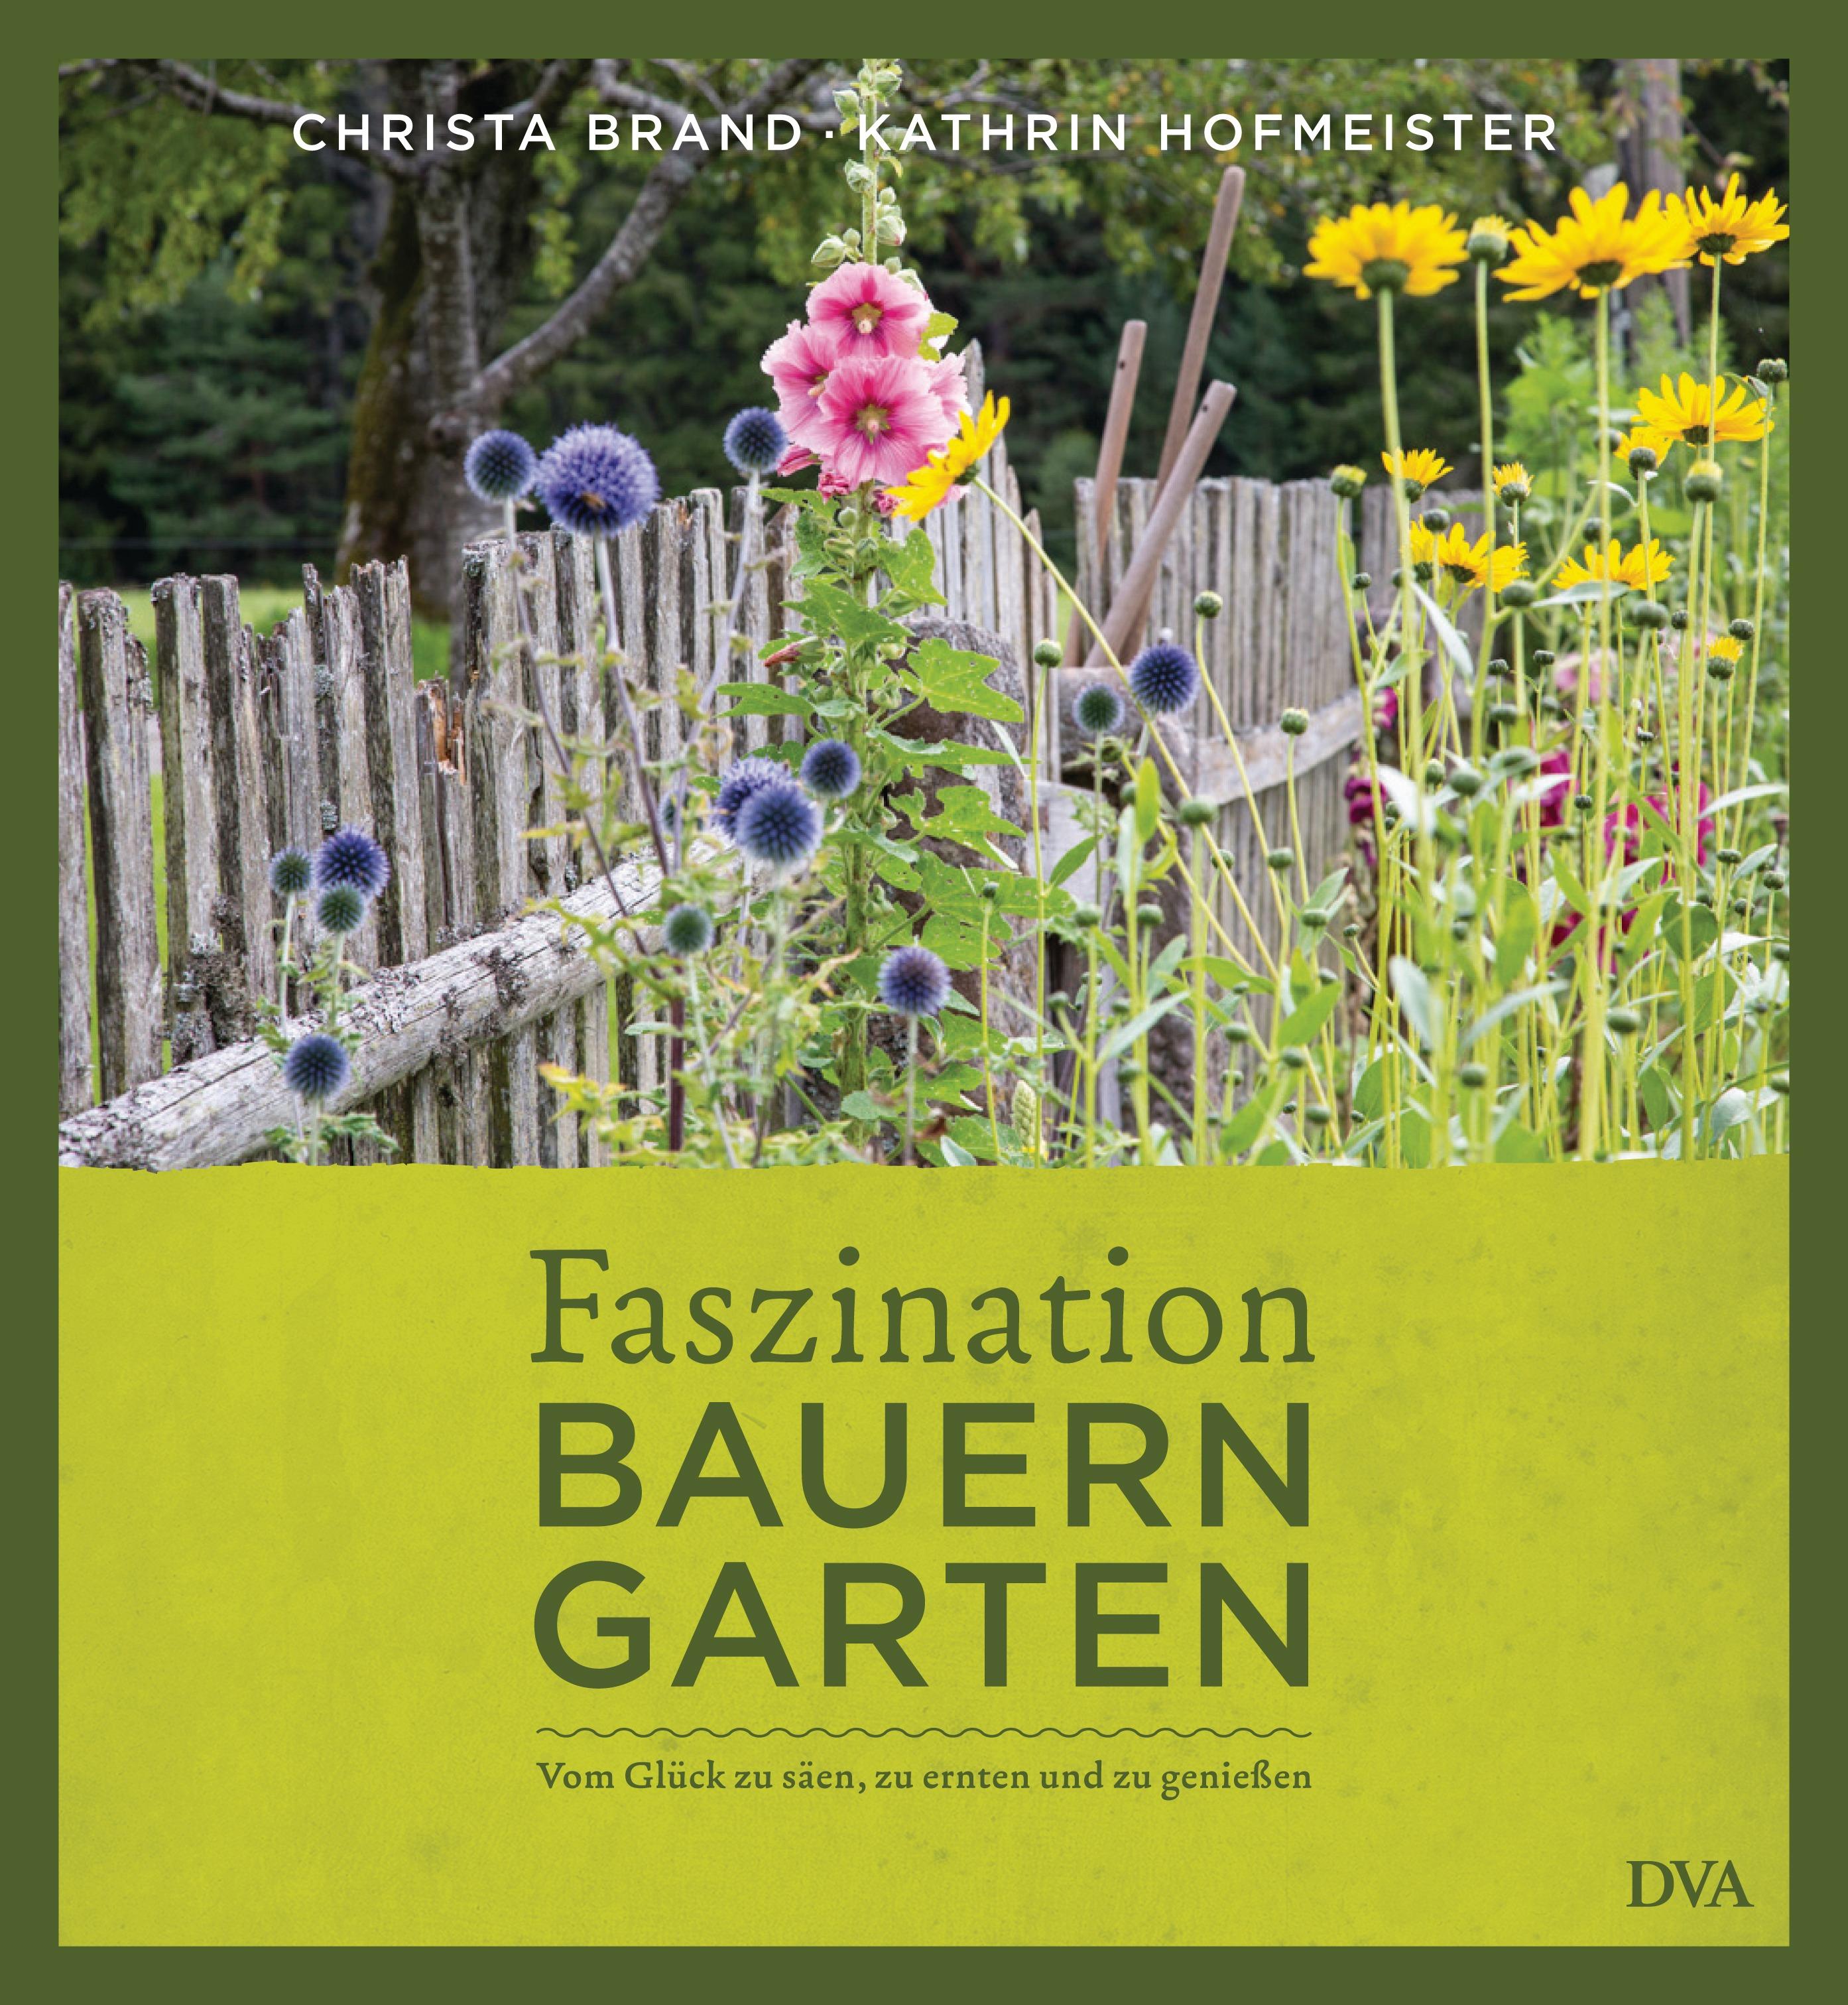 In 3 Schritten Zum Bauerngarten Willkommen In Franks Kleinem Garten